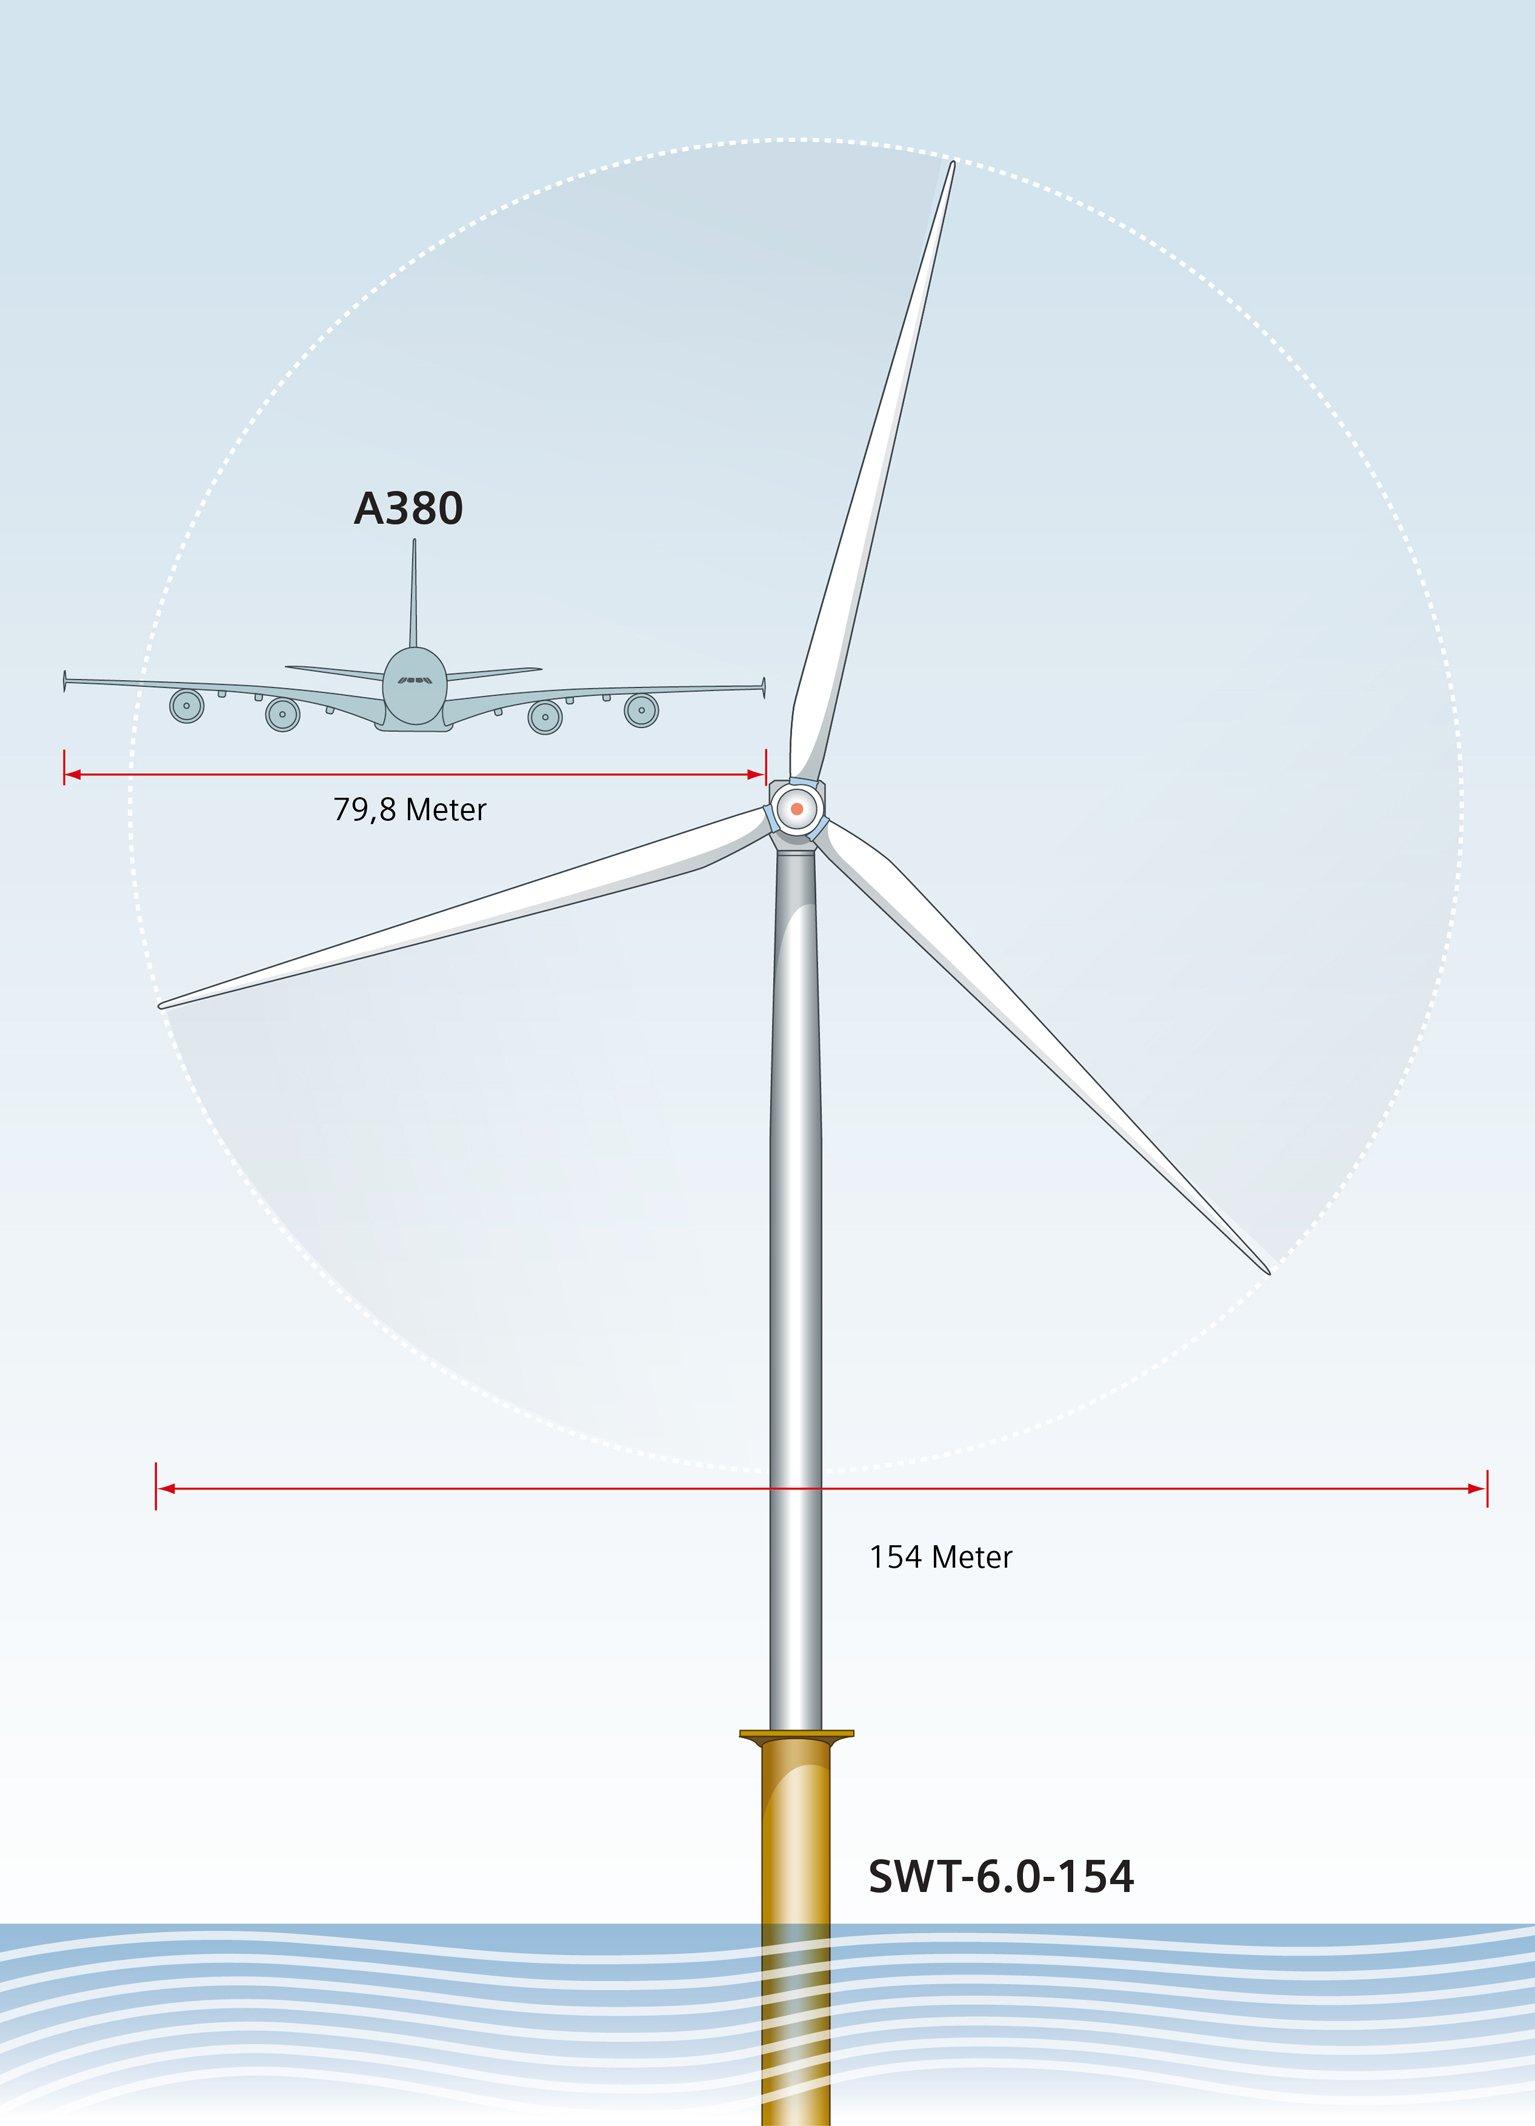 Die Größe der Rotorblätter, die in Hull produziert werden, können sogar mit einem Airbus A380 mithalten. 75 Meter lang ist das längste Rotorblatt der Welt. Es ist Teil der Windturbine SWT-6.0, die schon im dänischen Høvsøre mit einer Leistung von sechs Megawatt im Testbetrieb läuft. Eine einzige Anlage kann bis zu 6.000 Haushalte mit sauberem Strom versorgen.